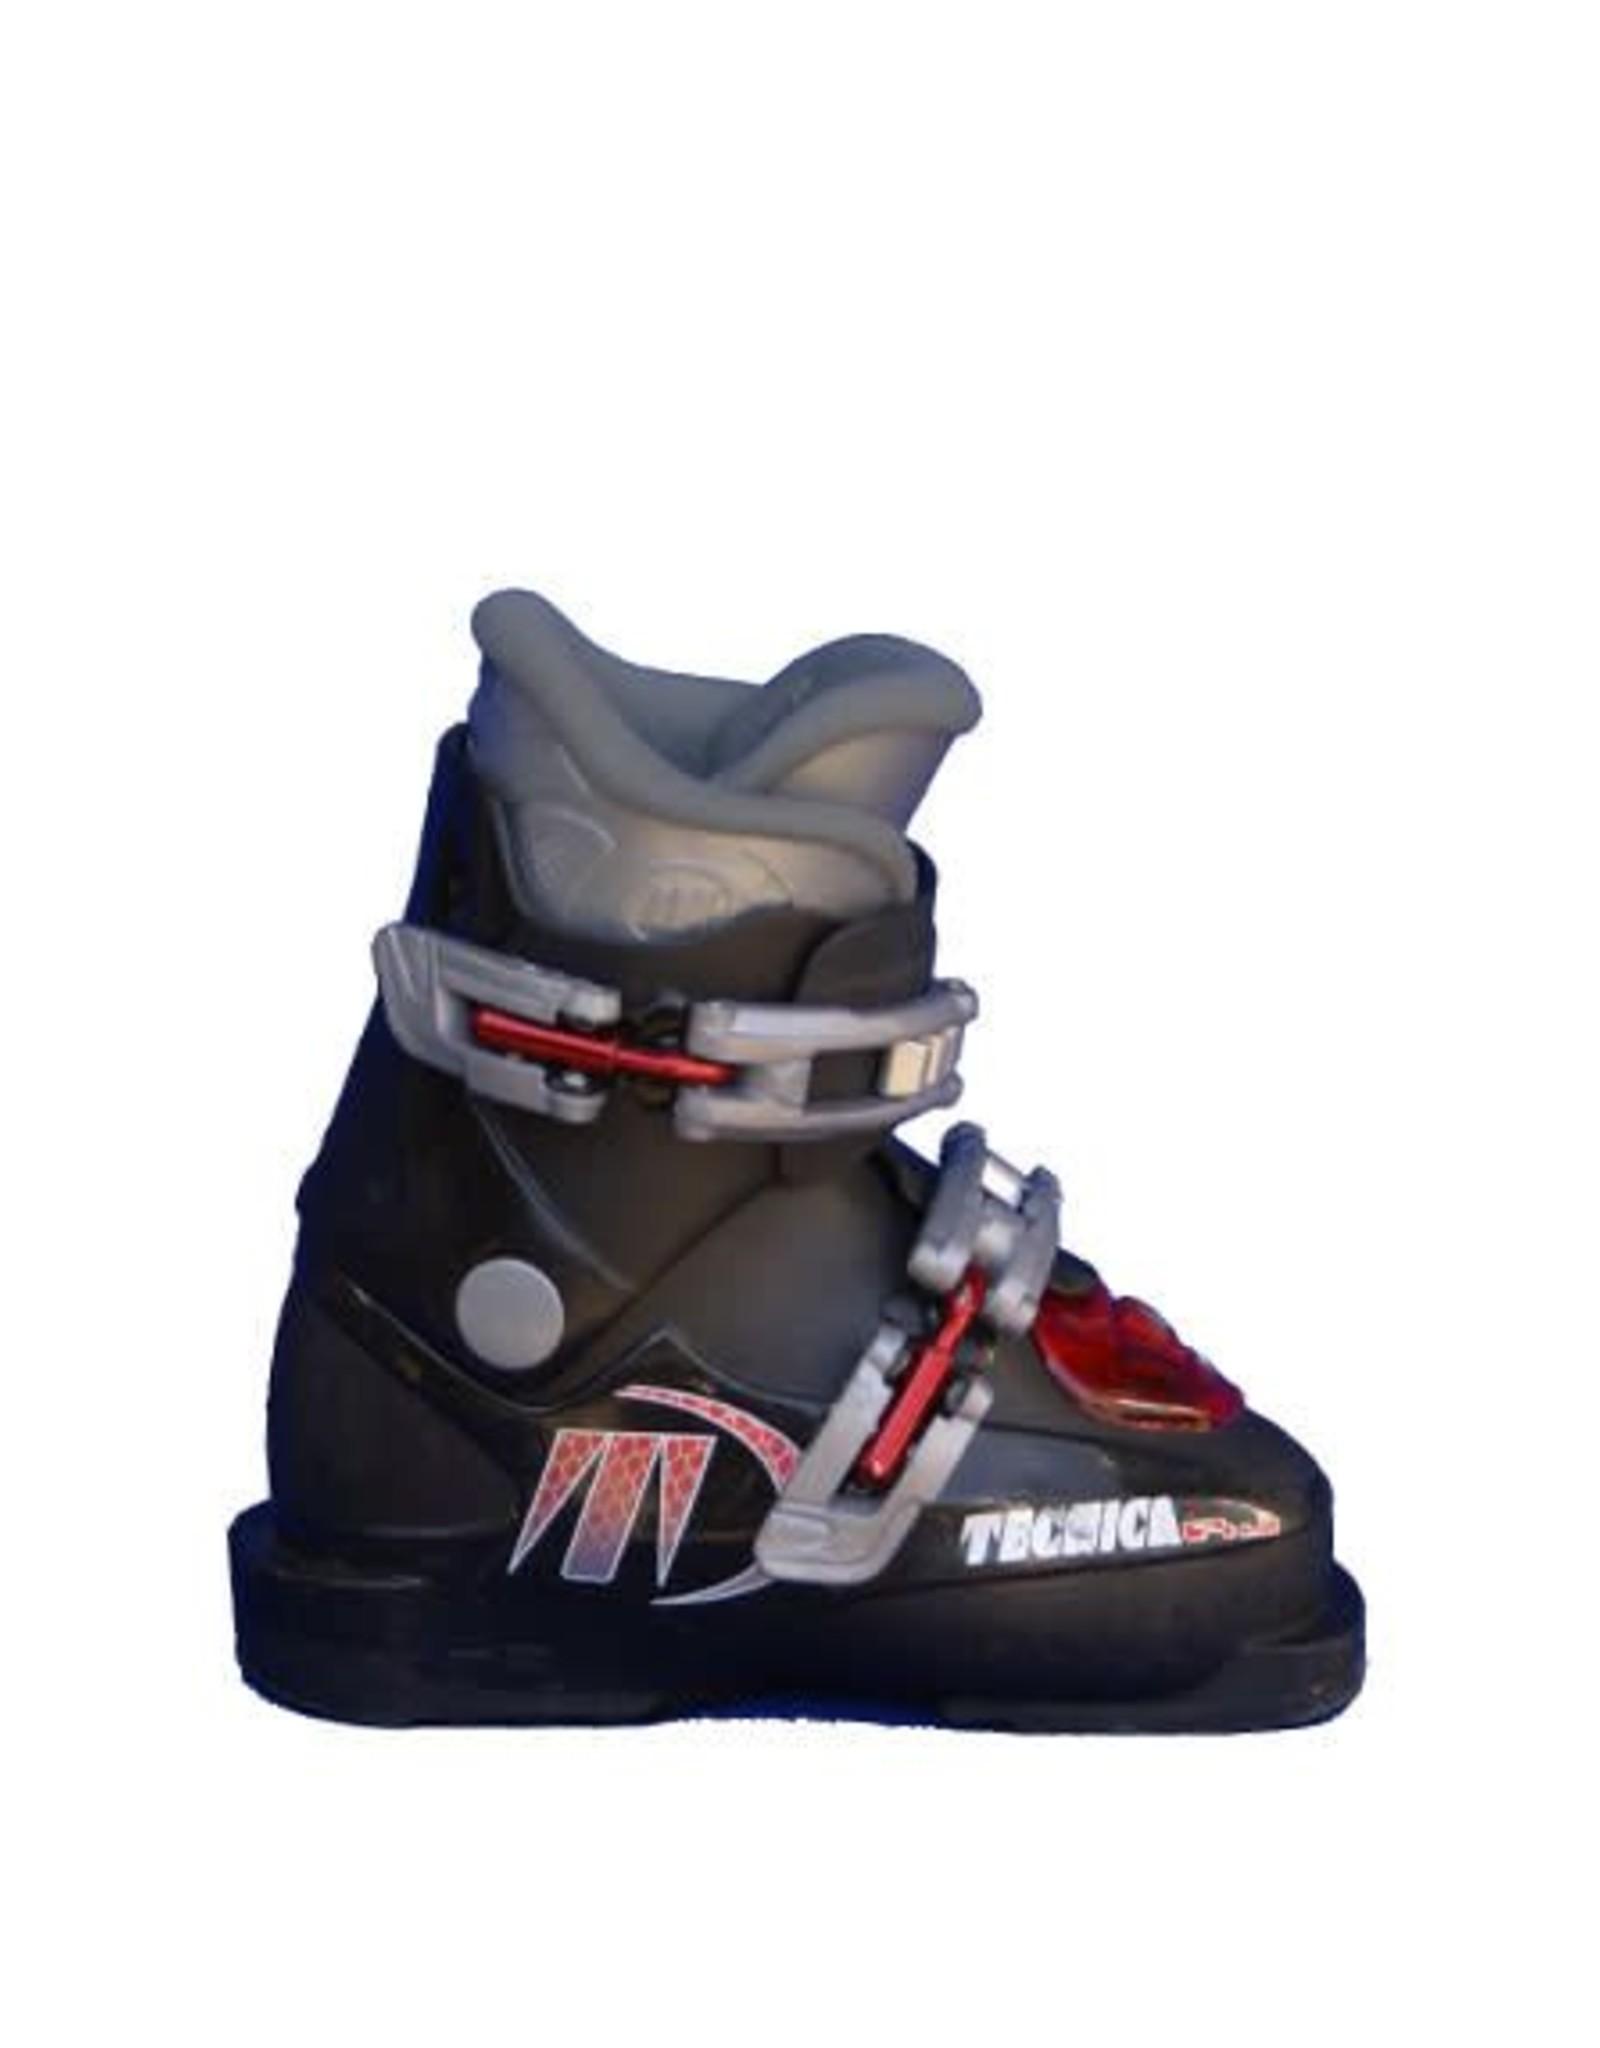 TECNICA Skischoenen TECNICA RJ Gebruikt